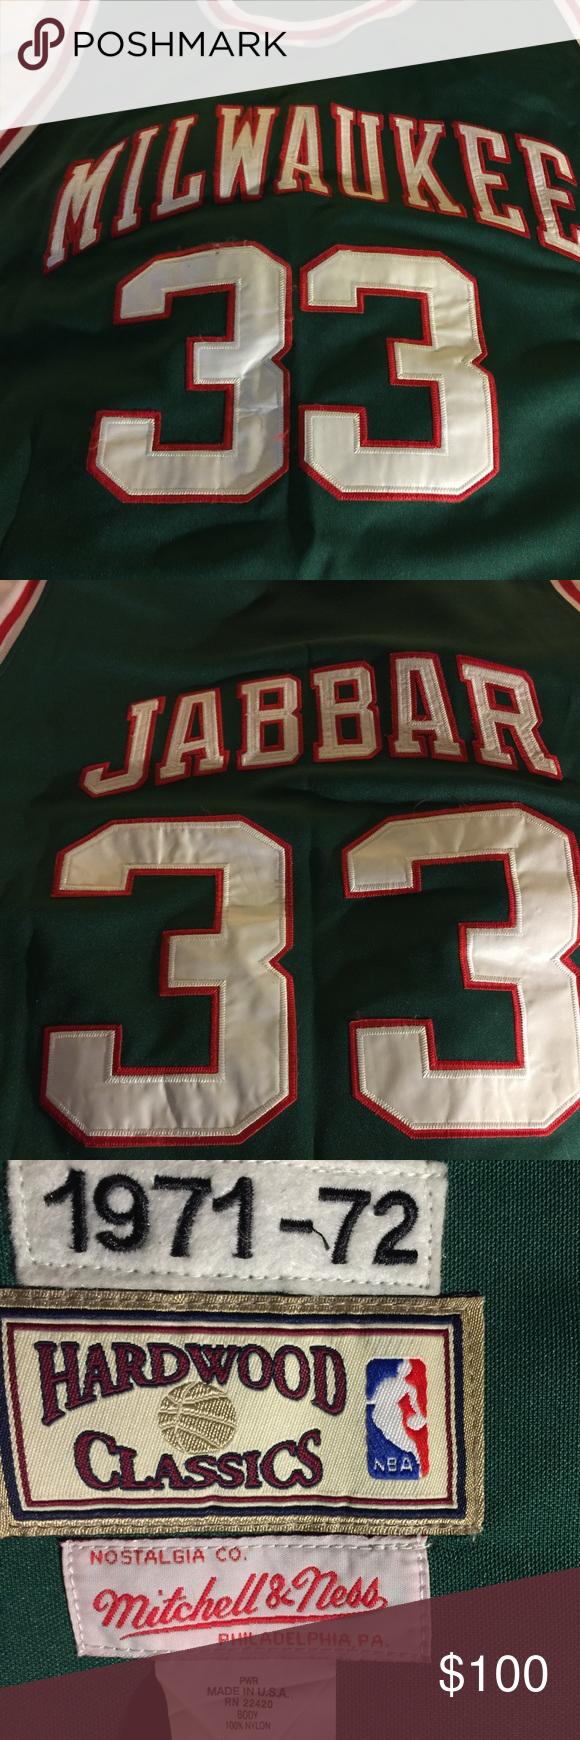 pretty nice 34a45 a3e61 Kareem Abdul-Jabbar Jersey 1971-72 Kareem Abdul-Jabbar ...